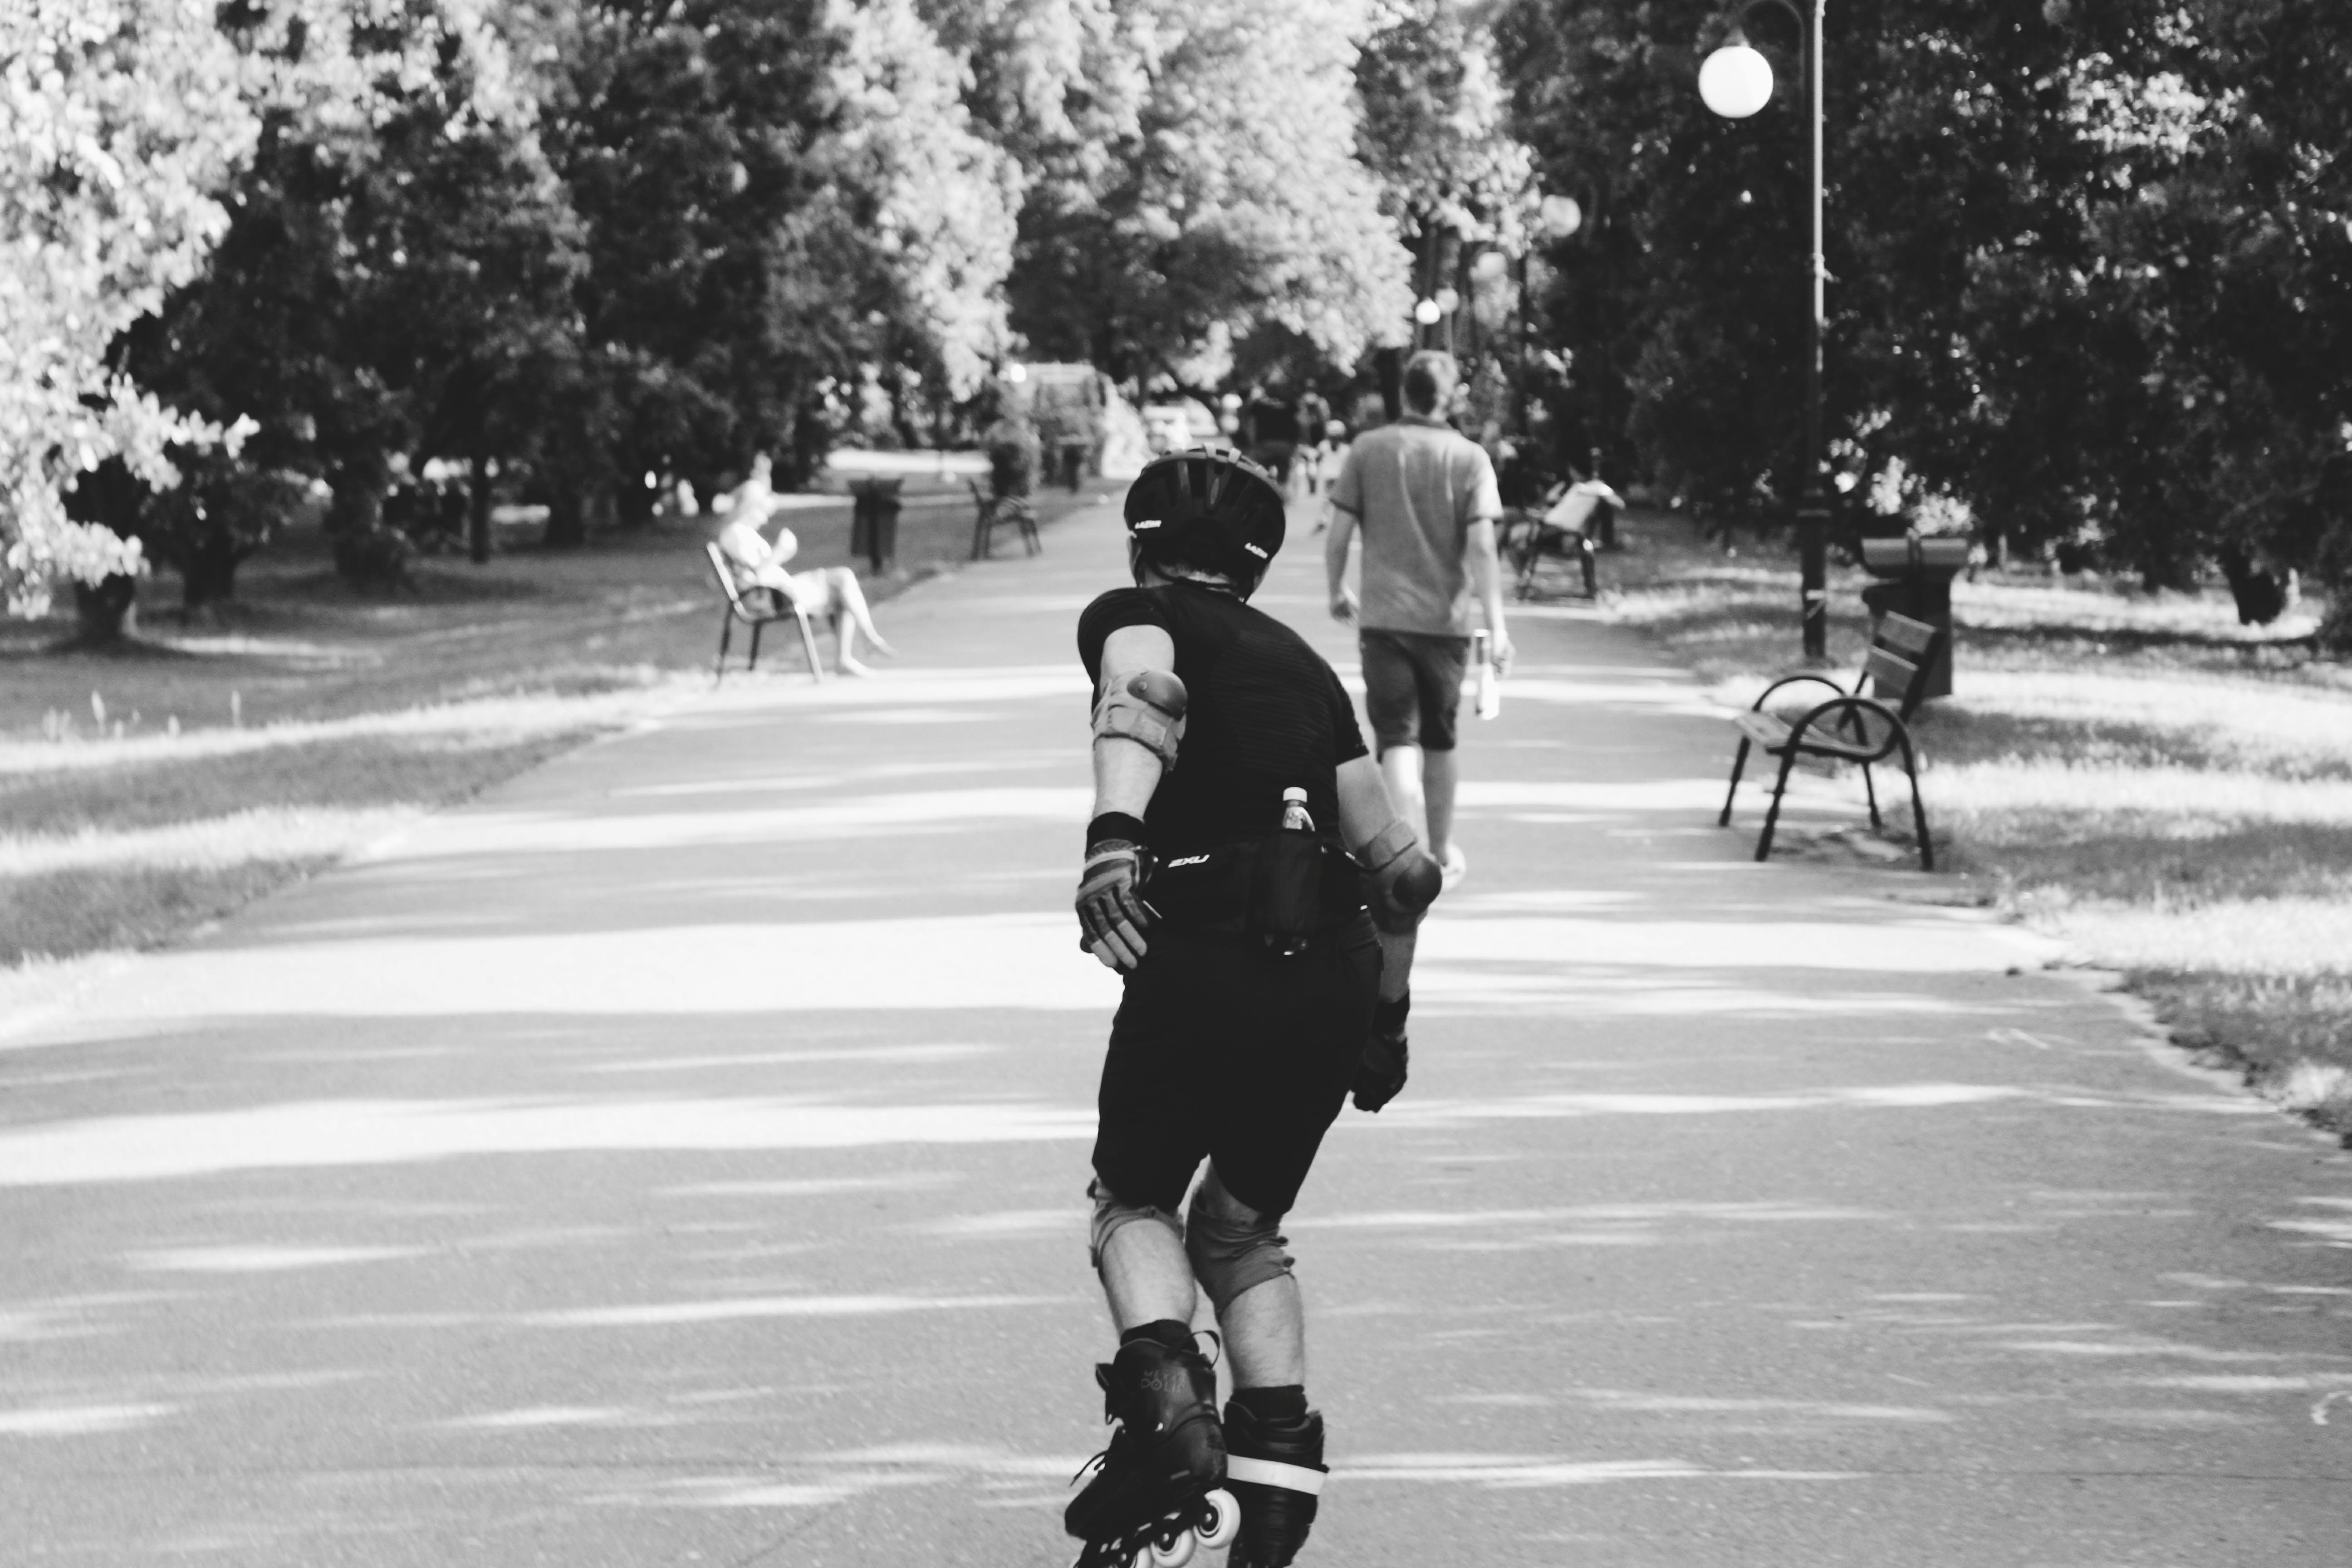 Kostnadsfri bild av man, människor, rekreation, rörelse